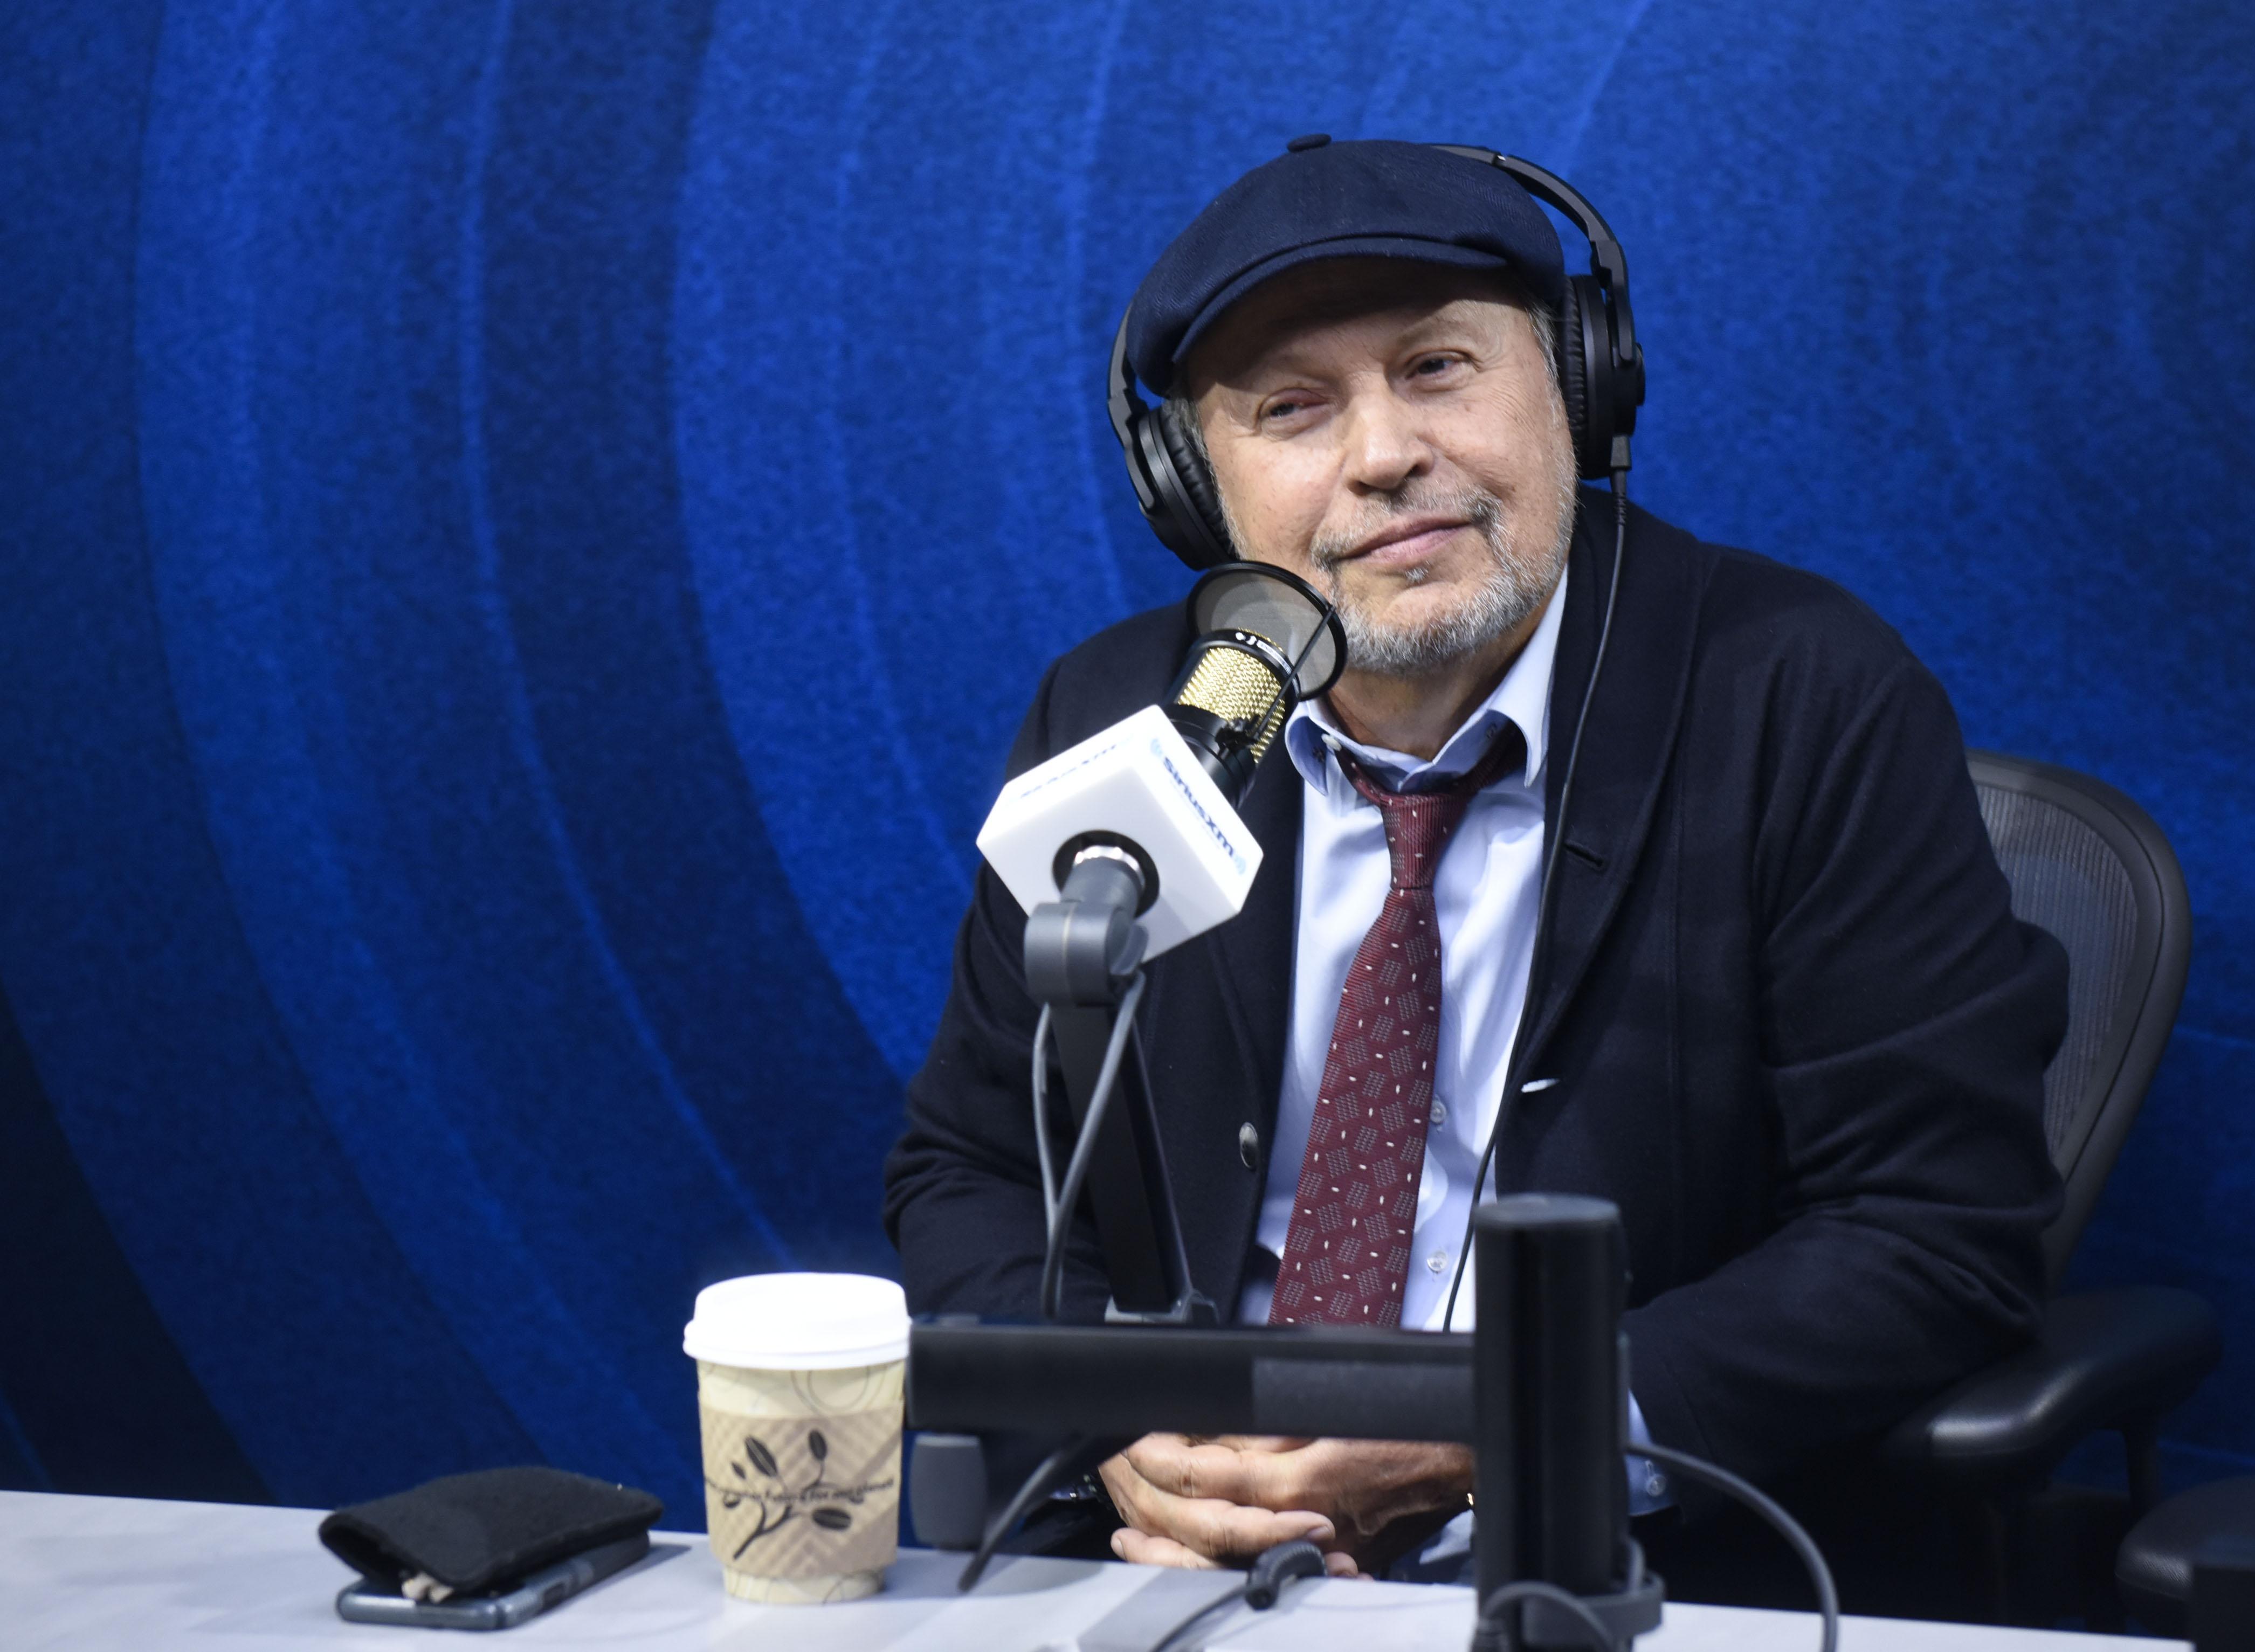 比利克里斯托访问SiriusXM的杰西卡格尔显示在SiriusXM好莱坞工作室